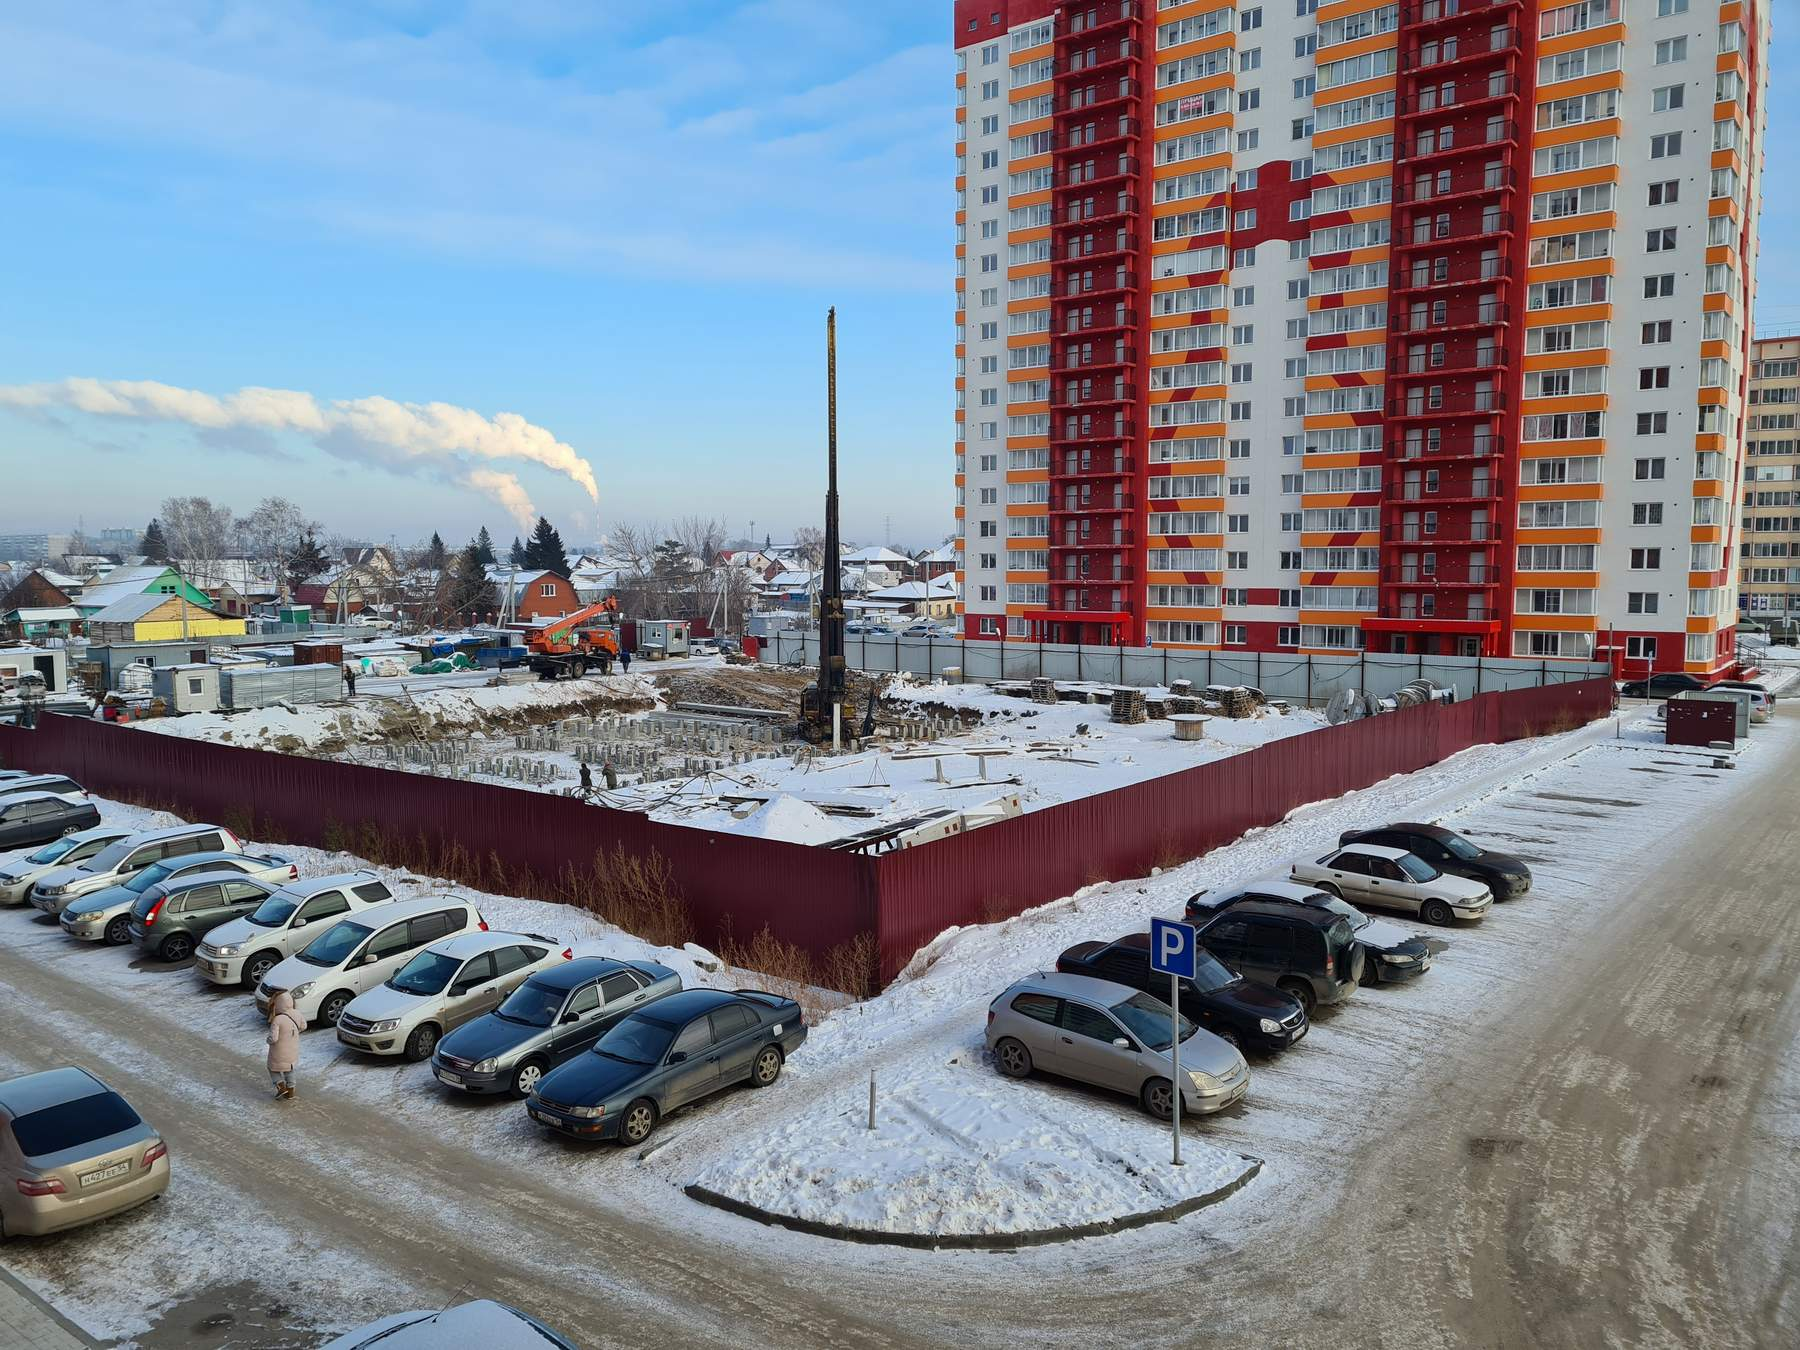 Новый дом Матрешкин двор Петухова 95/4 дом 3